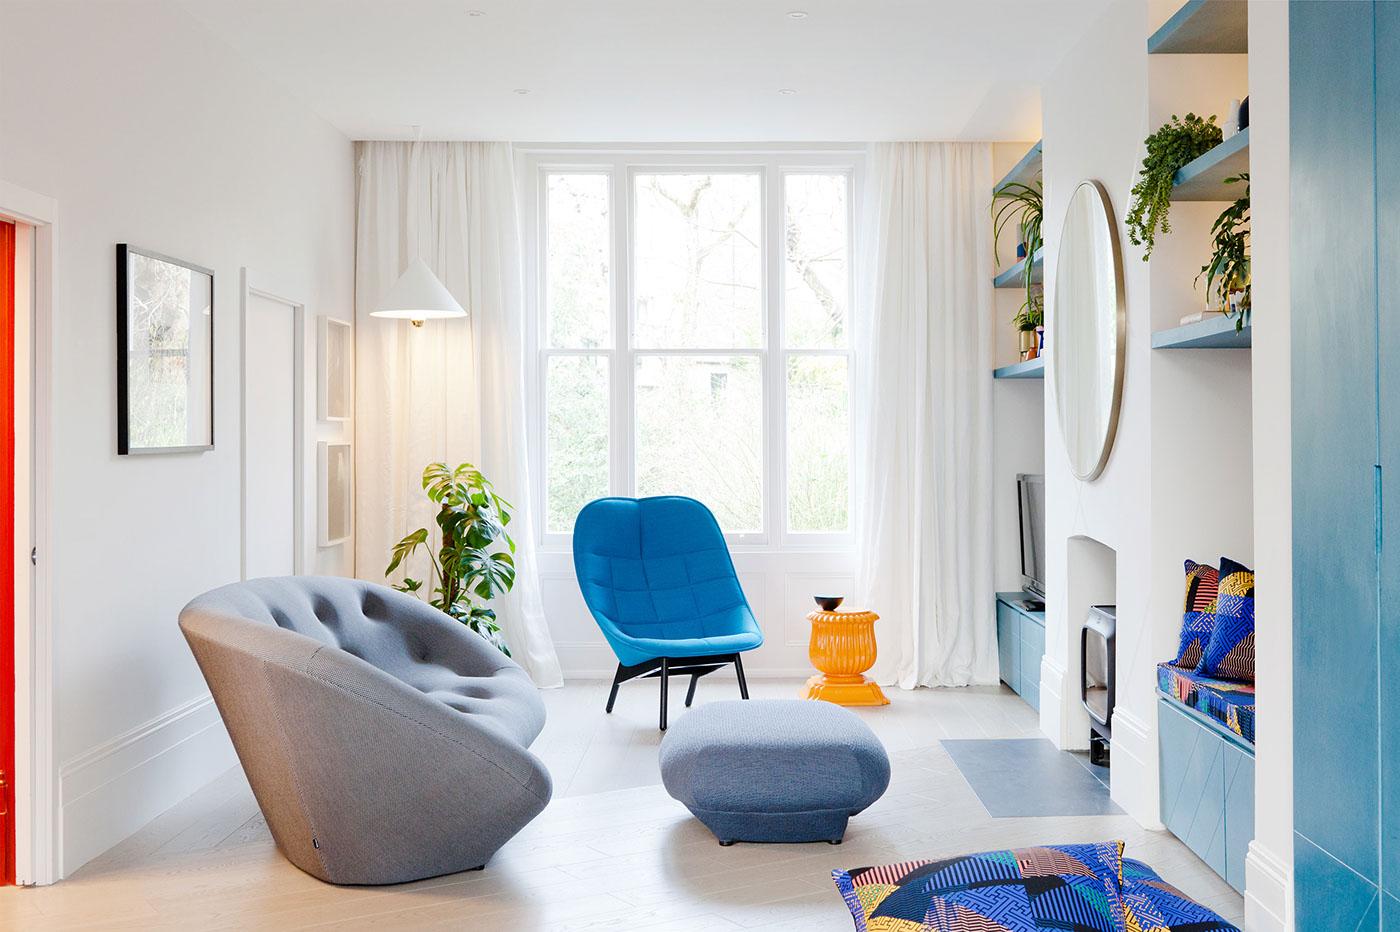 Consigli Per La Casa idee per rimodernare casa: 10 consigli per cambiare stile